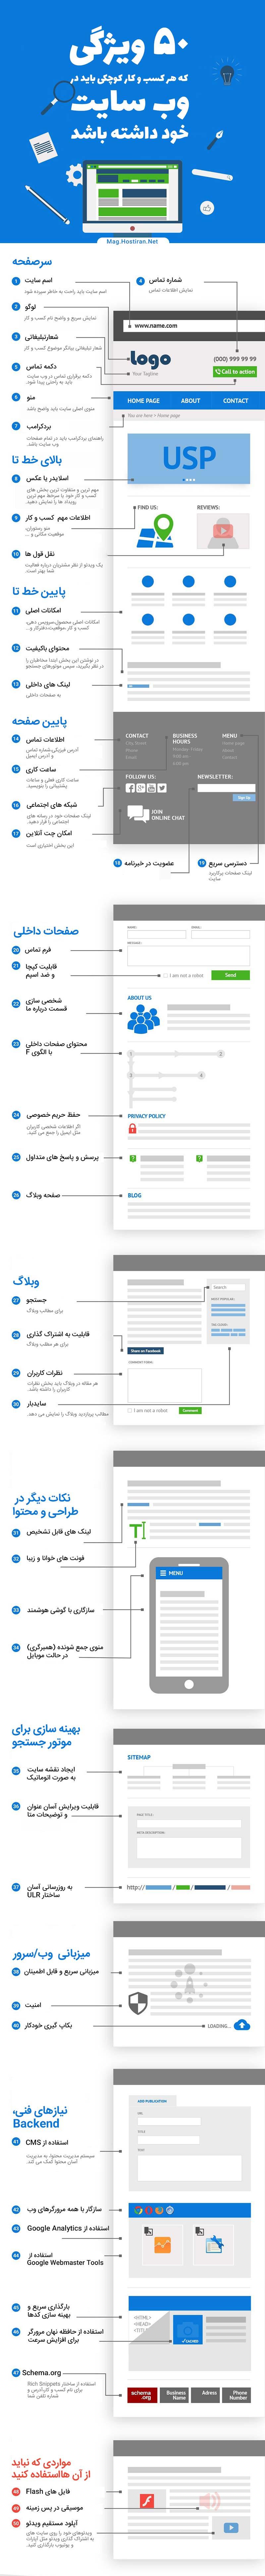 ۵٠ ویژگی ضروری در طراحی سایت شرکت ها